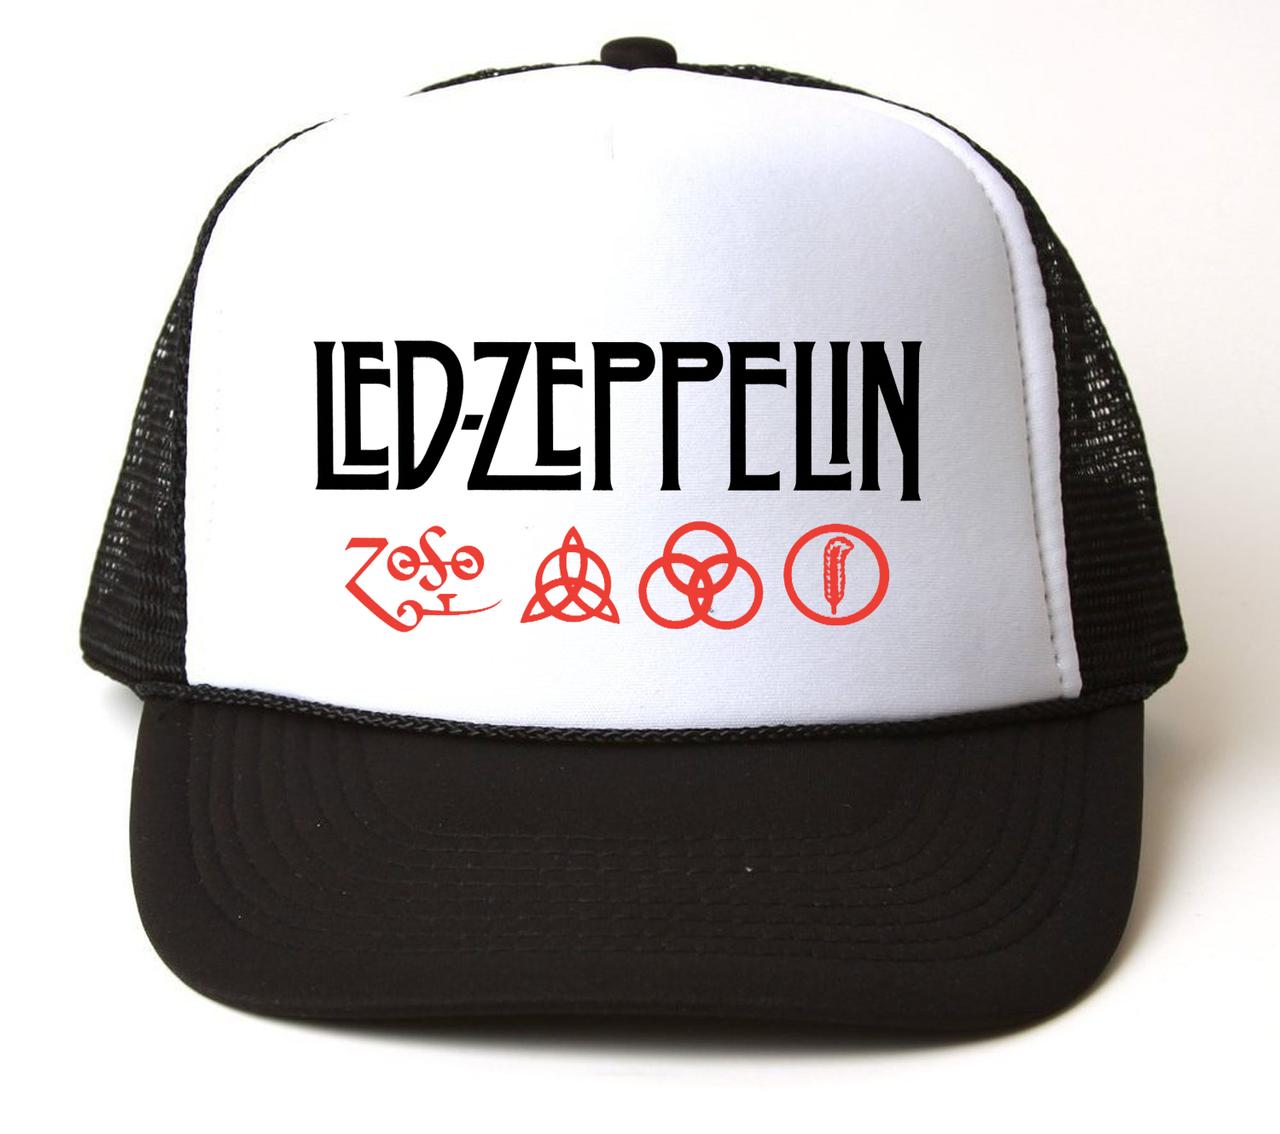 Кепка-тракер Led Zeppelin - Logo